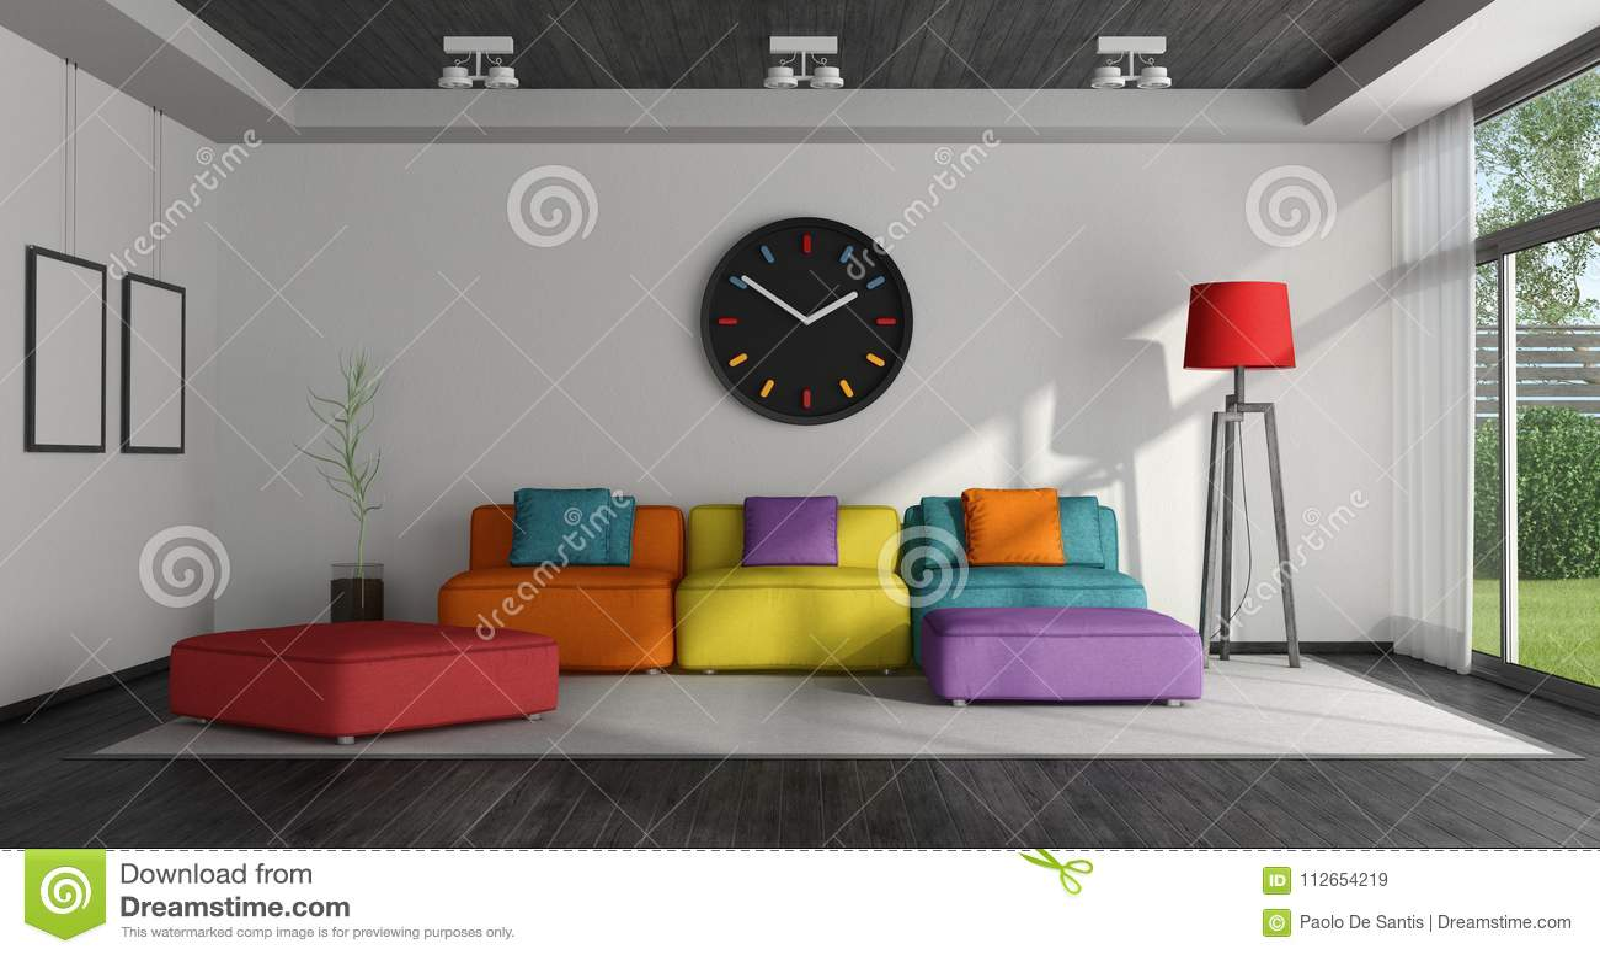 Kleurrijke Witte Woonkamer : Kleurrijke woonkamer stock illustratie. illustratie bestaande uit